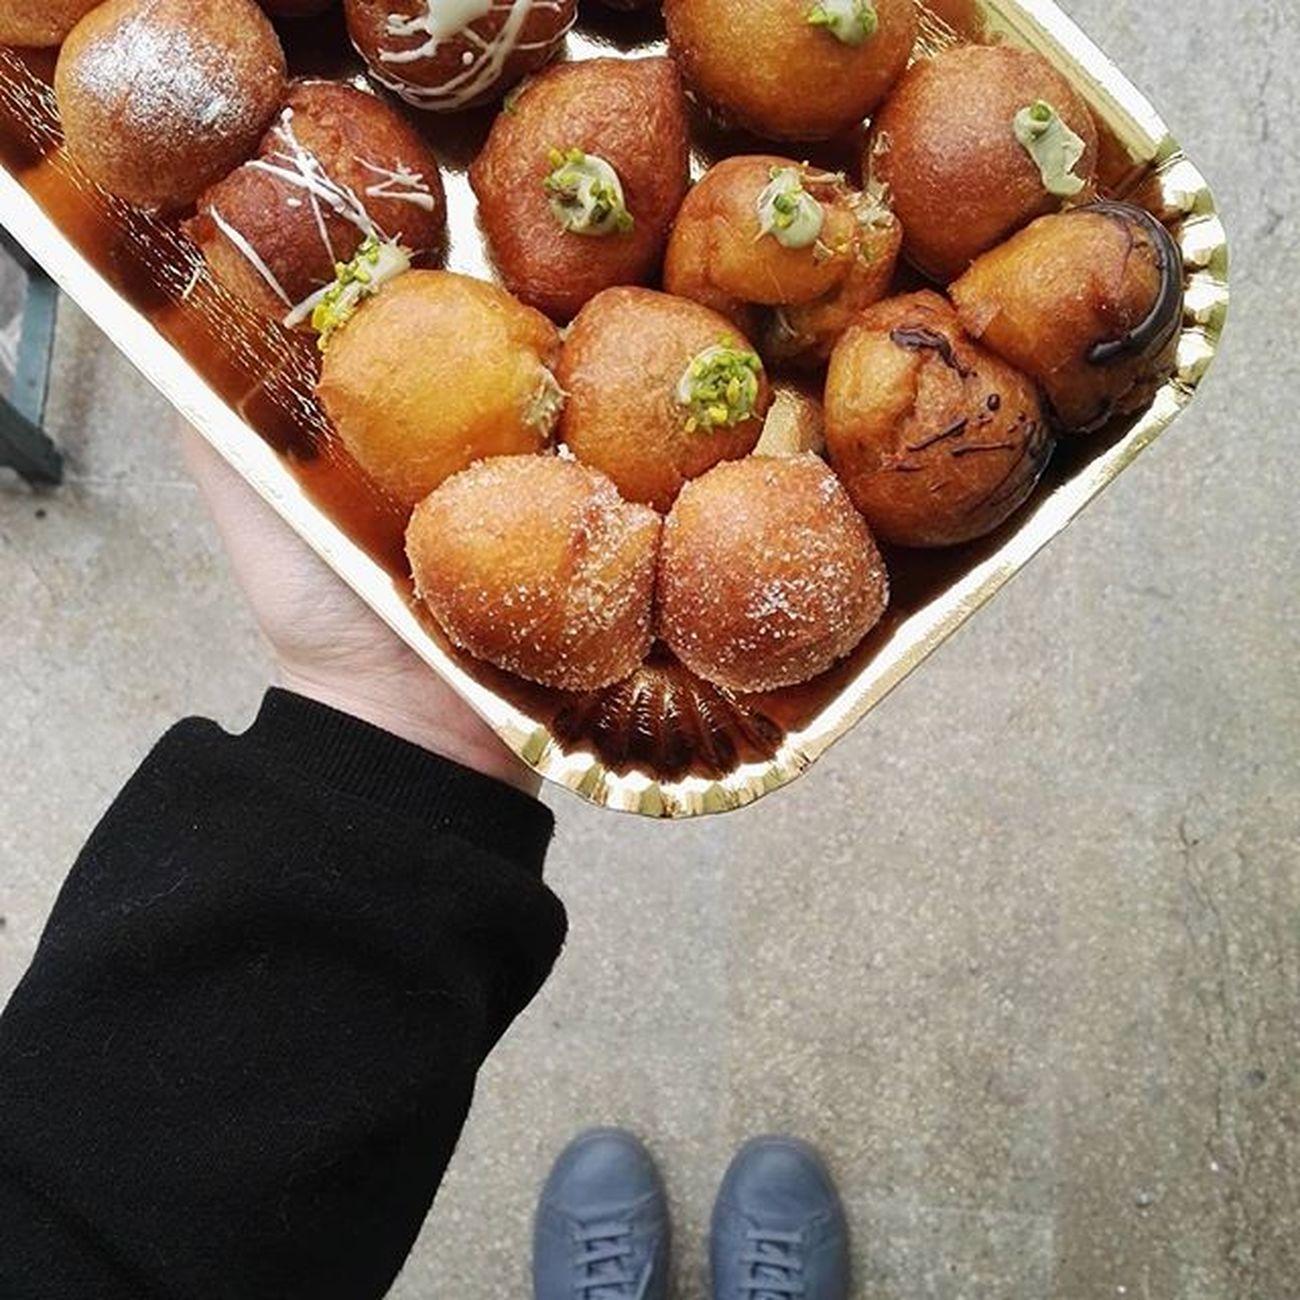 Frittelle I love you ❤❤❤ Frittelle Veneto Padova Ig_food Ig_veneto Ig_padova Italianfood Adidas Foodie Foodaddicted